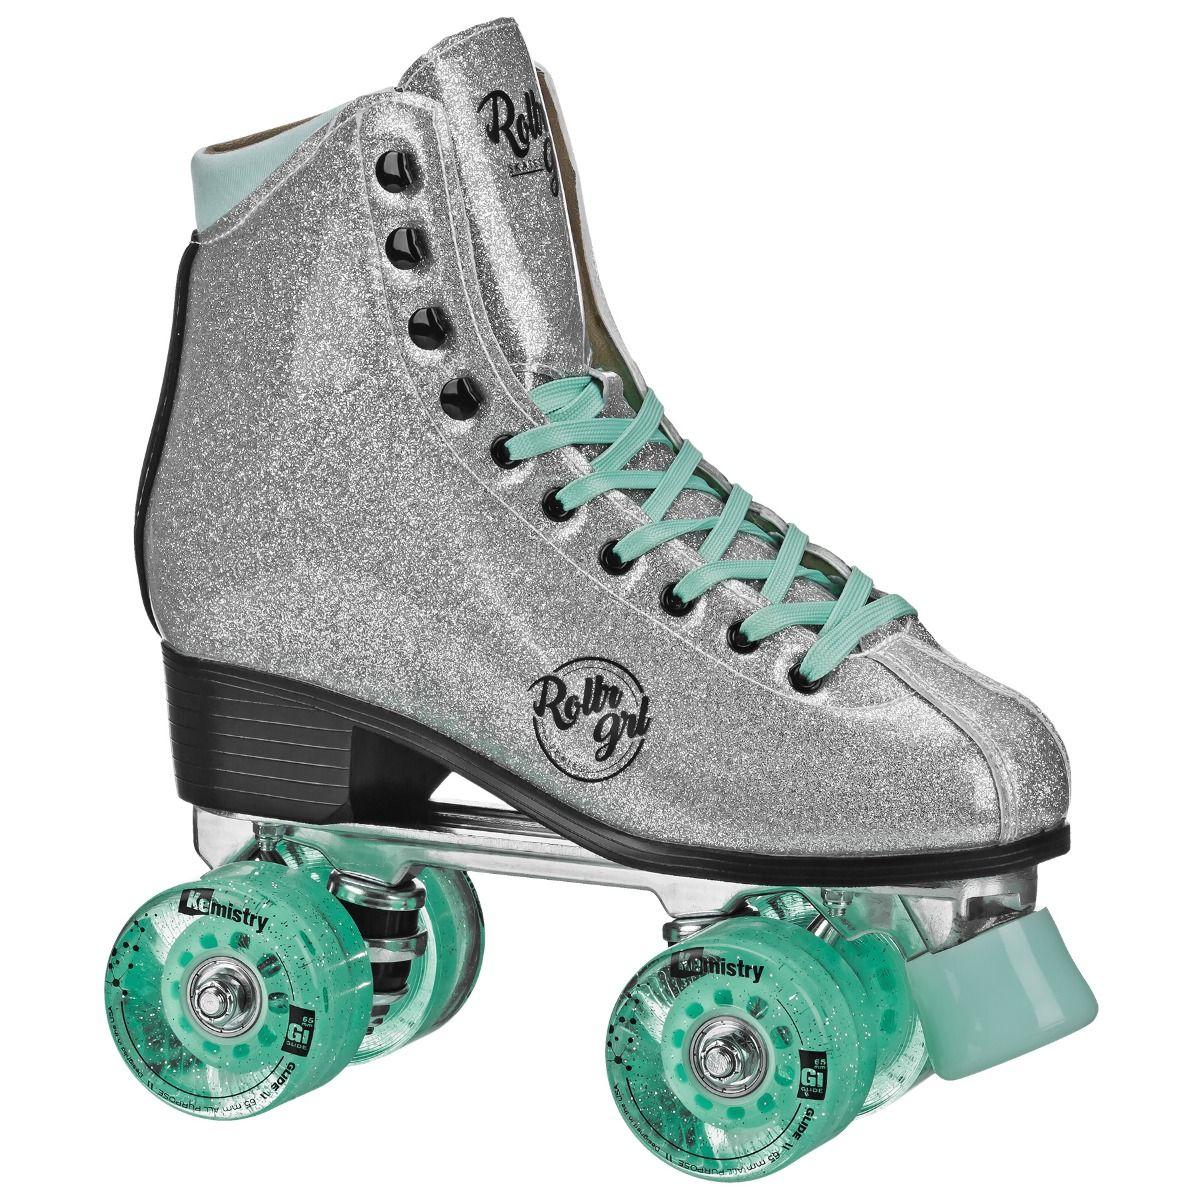 INSTOCK! Rollr Grl Astra Outdoor Roller Skates!